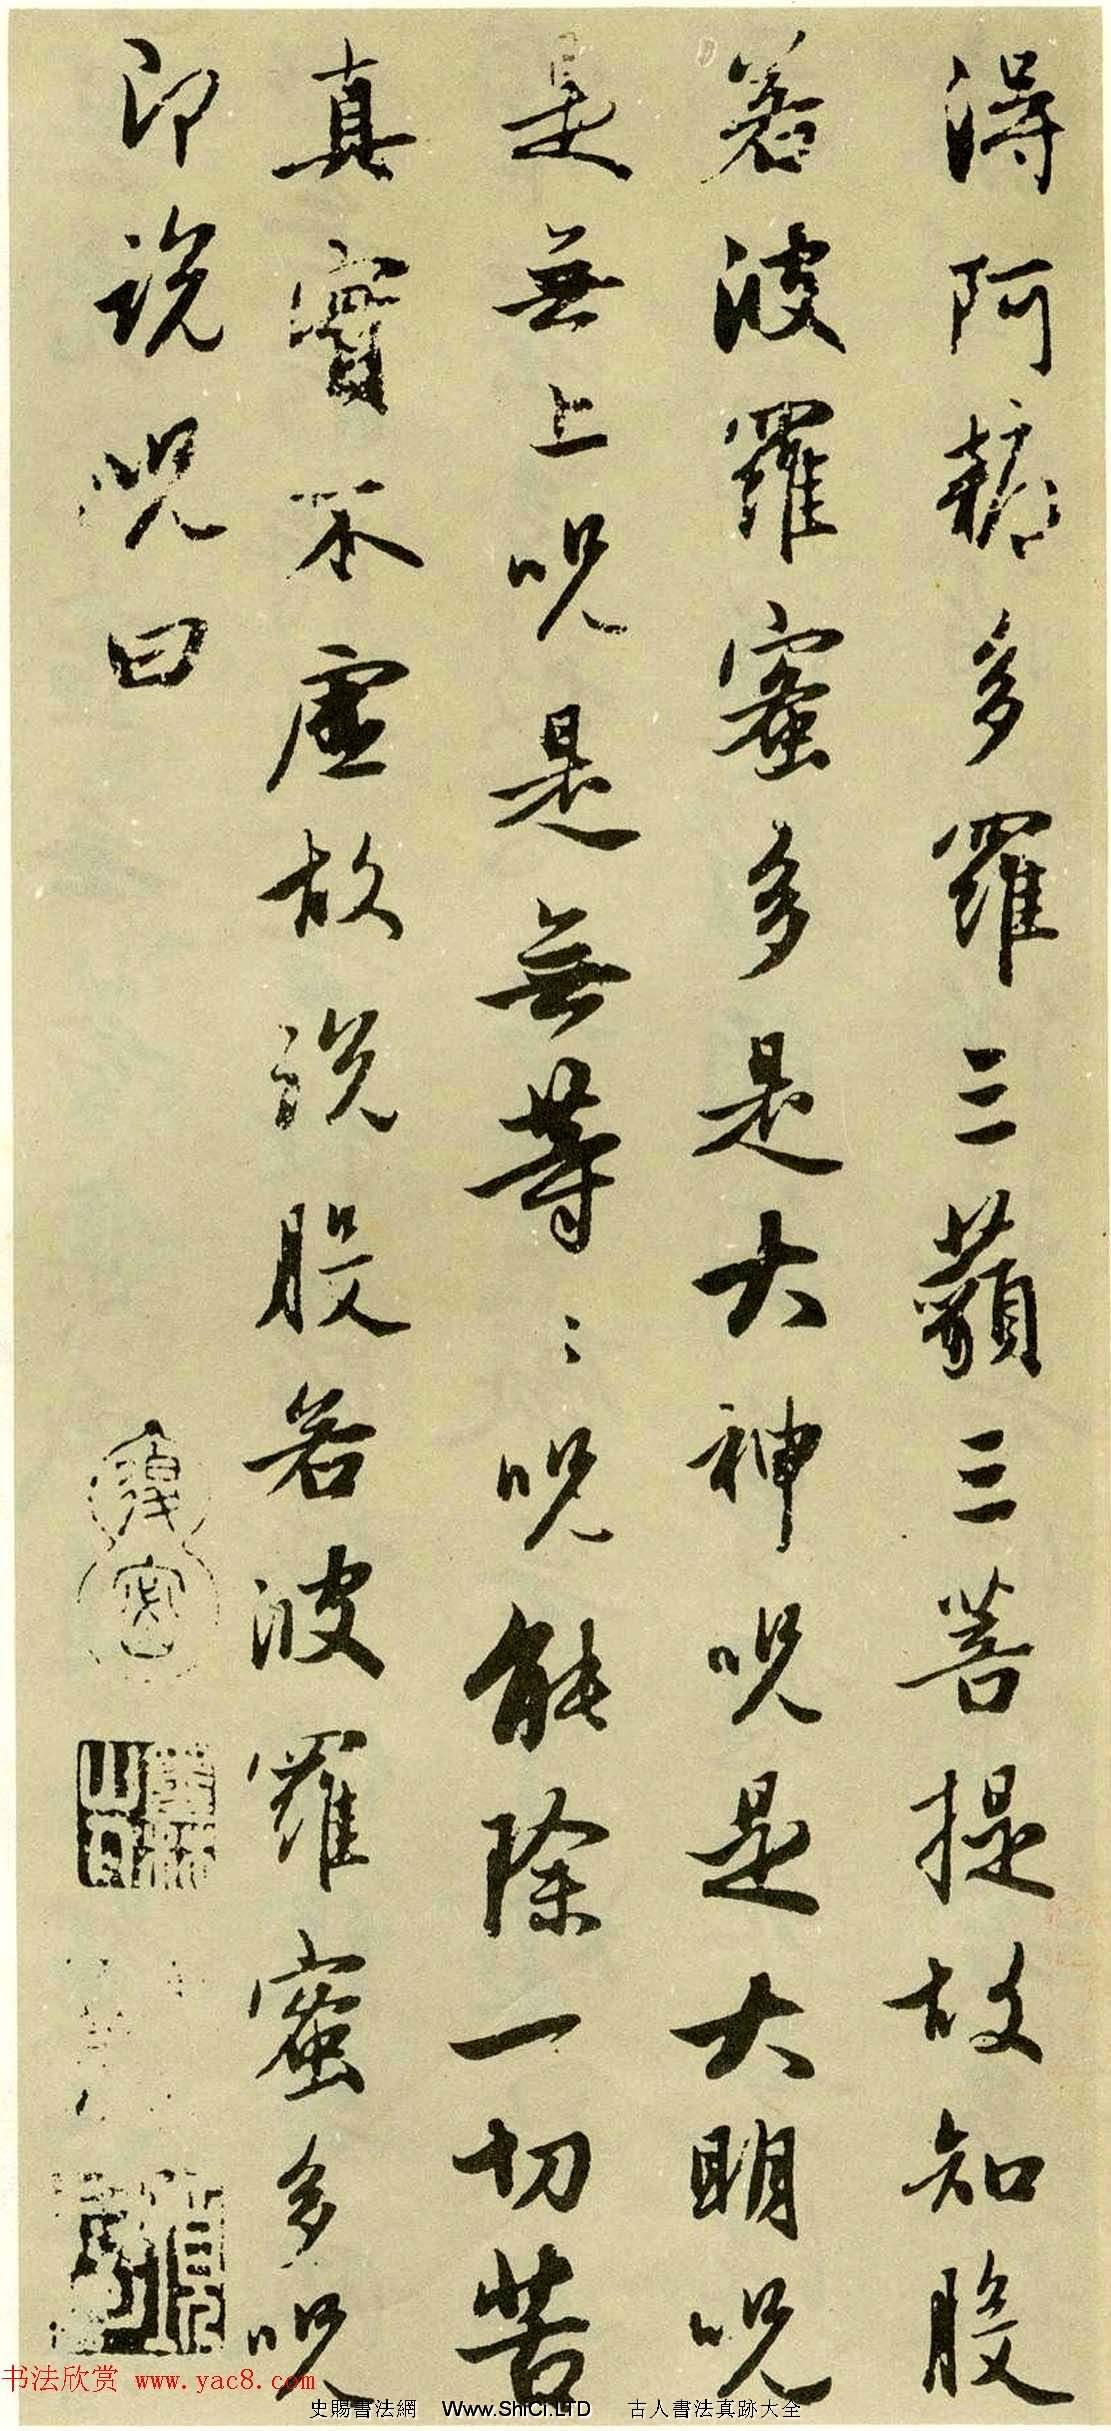 趙孟俯豎幅作品《松雪道人奉為日林和上書心經》